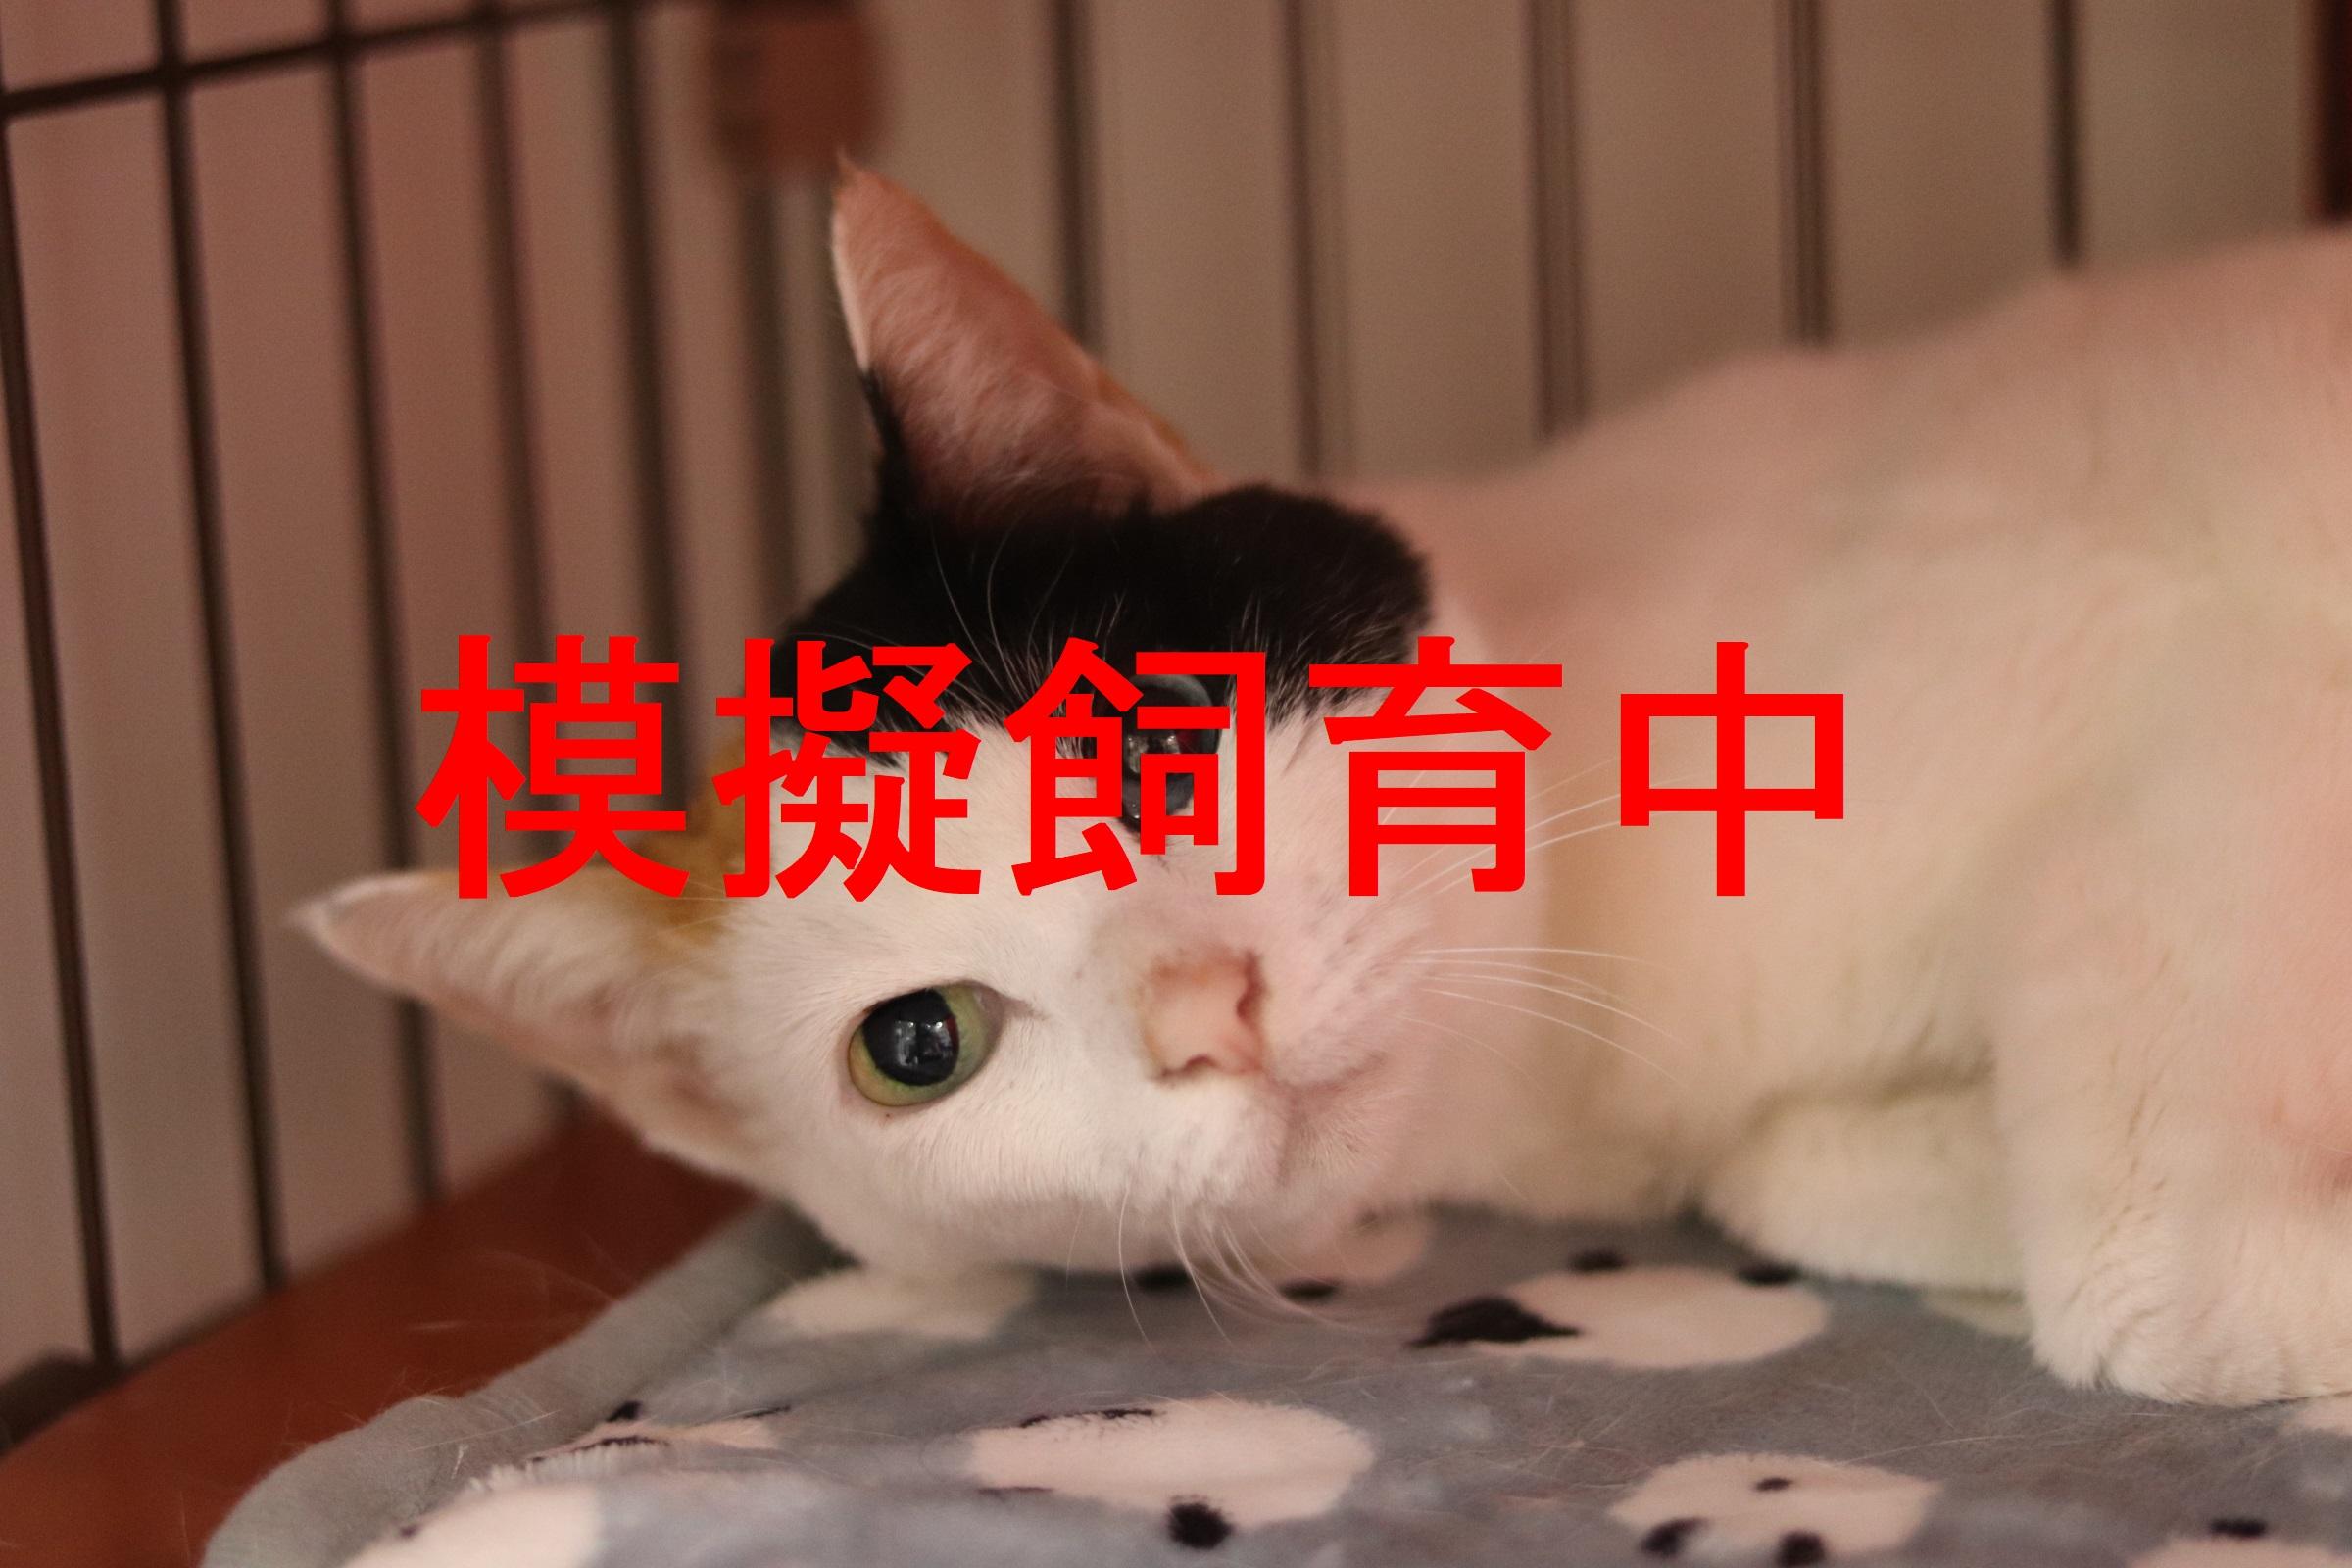 <ul> <li>猫種:日本猫(三毛)</li> <li>性別:女の子</li> <li>名前:チビ</li> <li>年齢:2008年8月頃生まれ</li> <li>保護経緯:飼育禁止の住居で飼っており飼育困難</li> </ul>